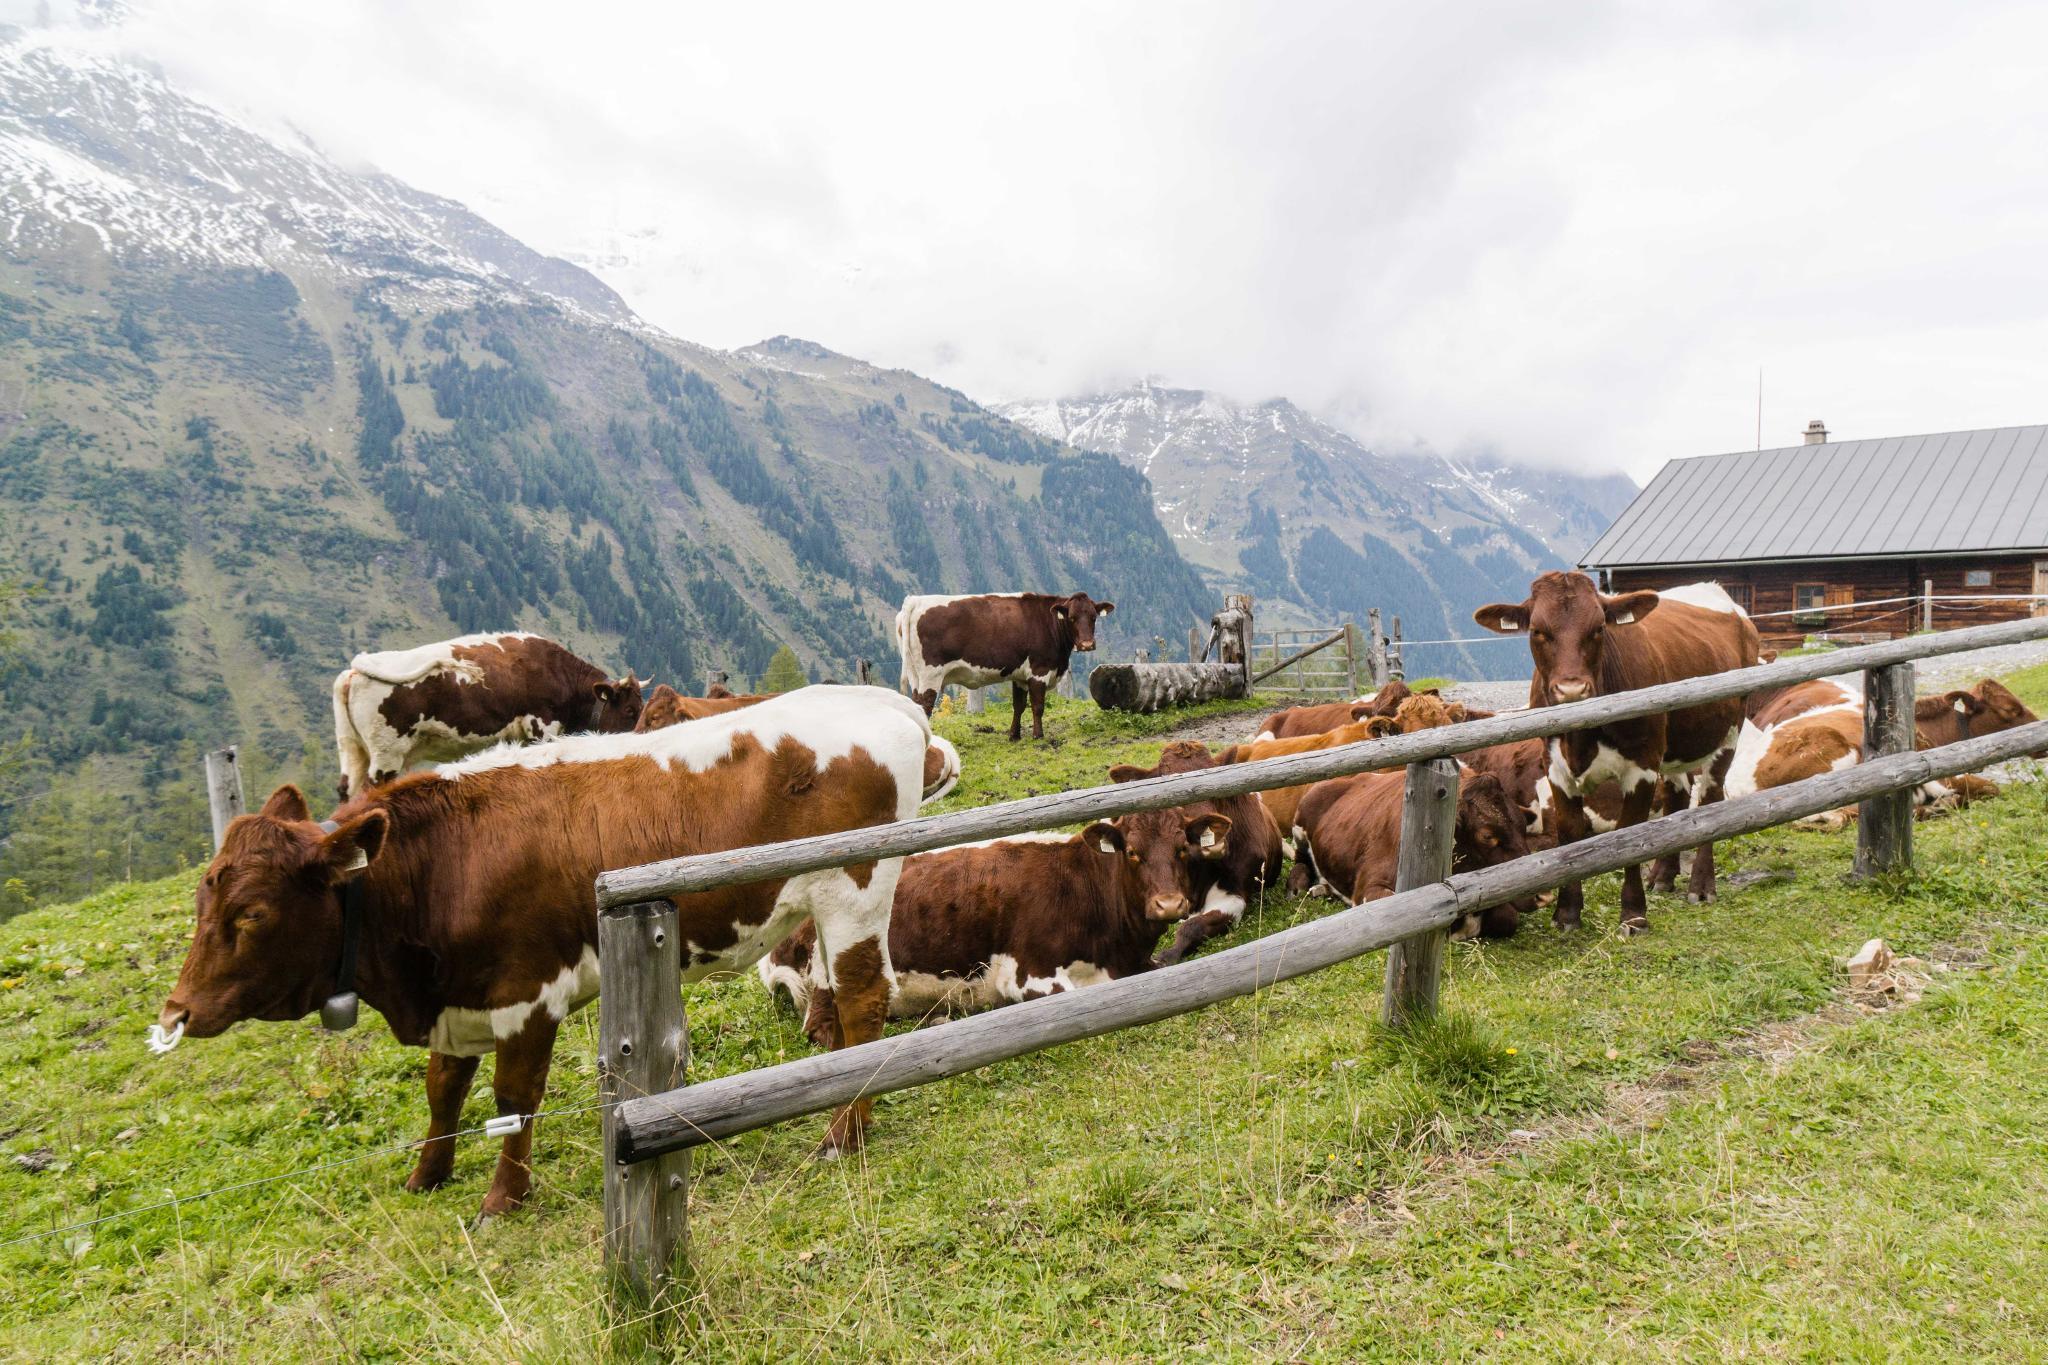 【奧地利】穿越阿爾卑斯之巔 — 奧地利大鐘山冰河公路 (Grossglockner High Alpine Road) 64